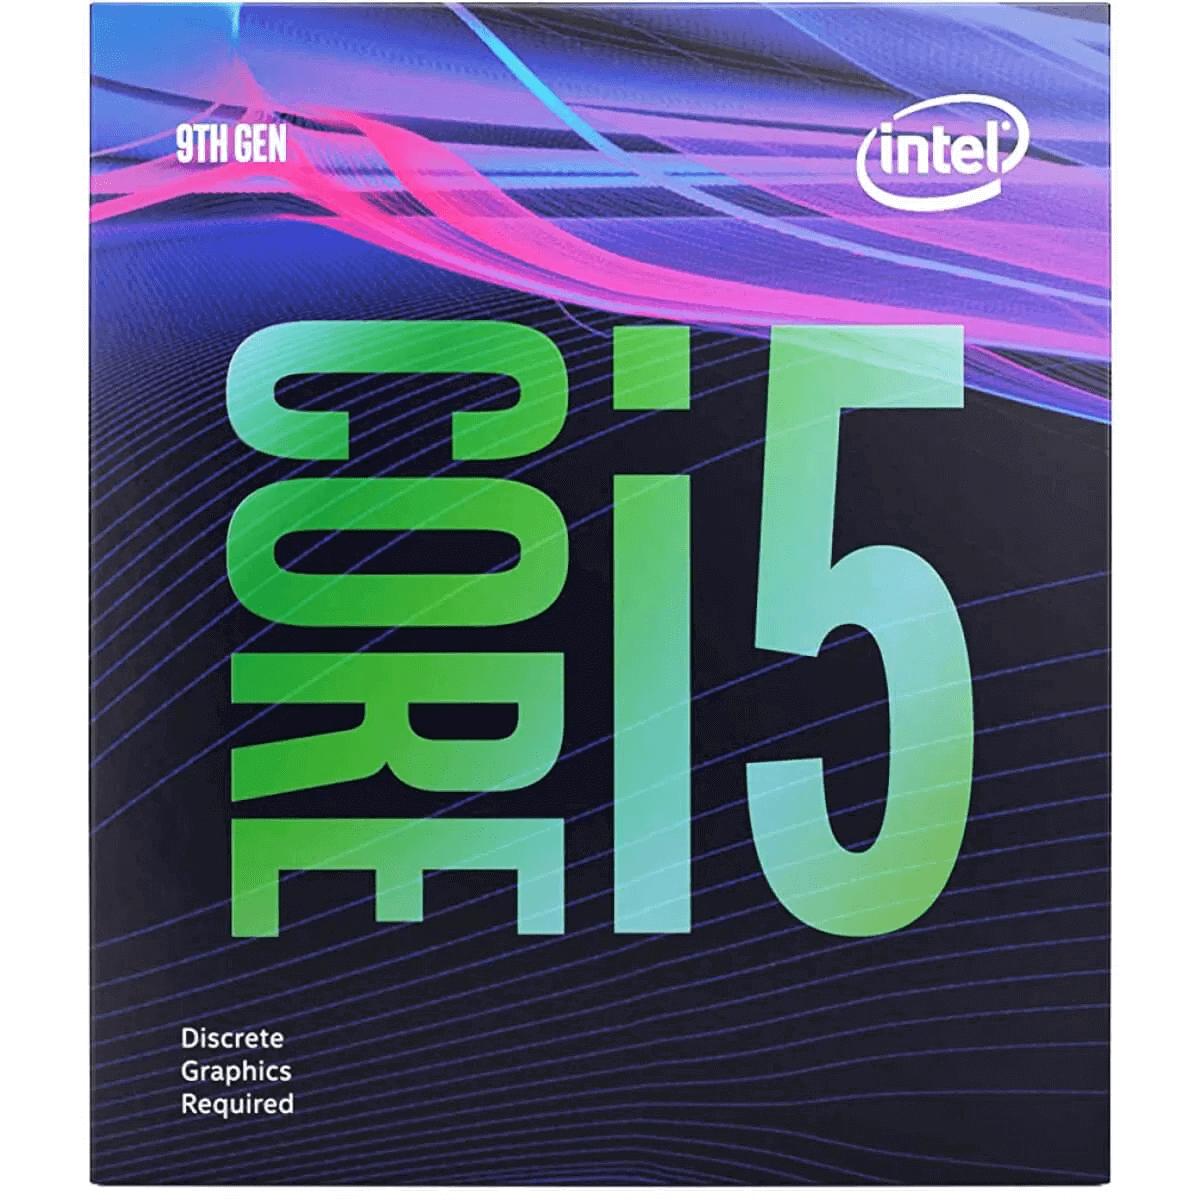 Processador Intel I5 9400 6 Cores 2,9GHz (4,1GHz Turbo) 9MB LGA 1151